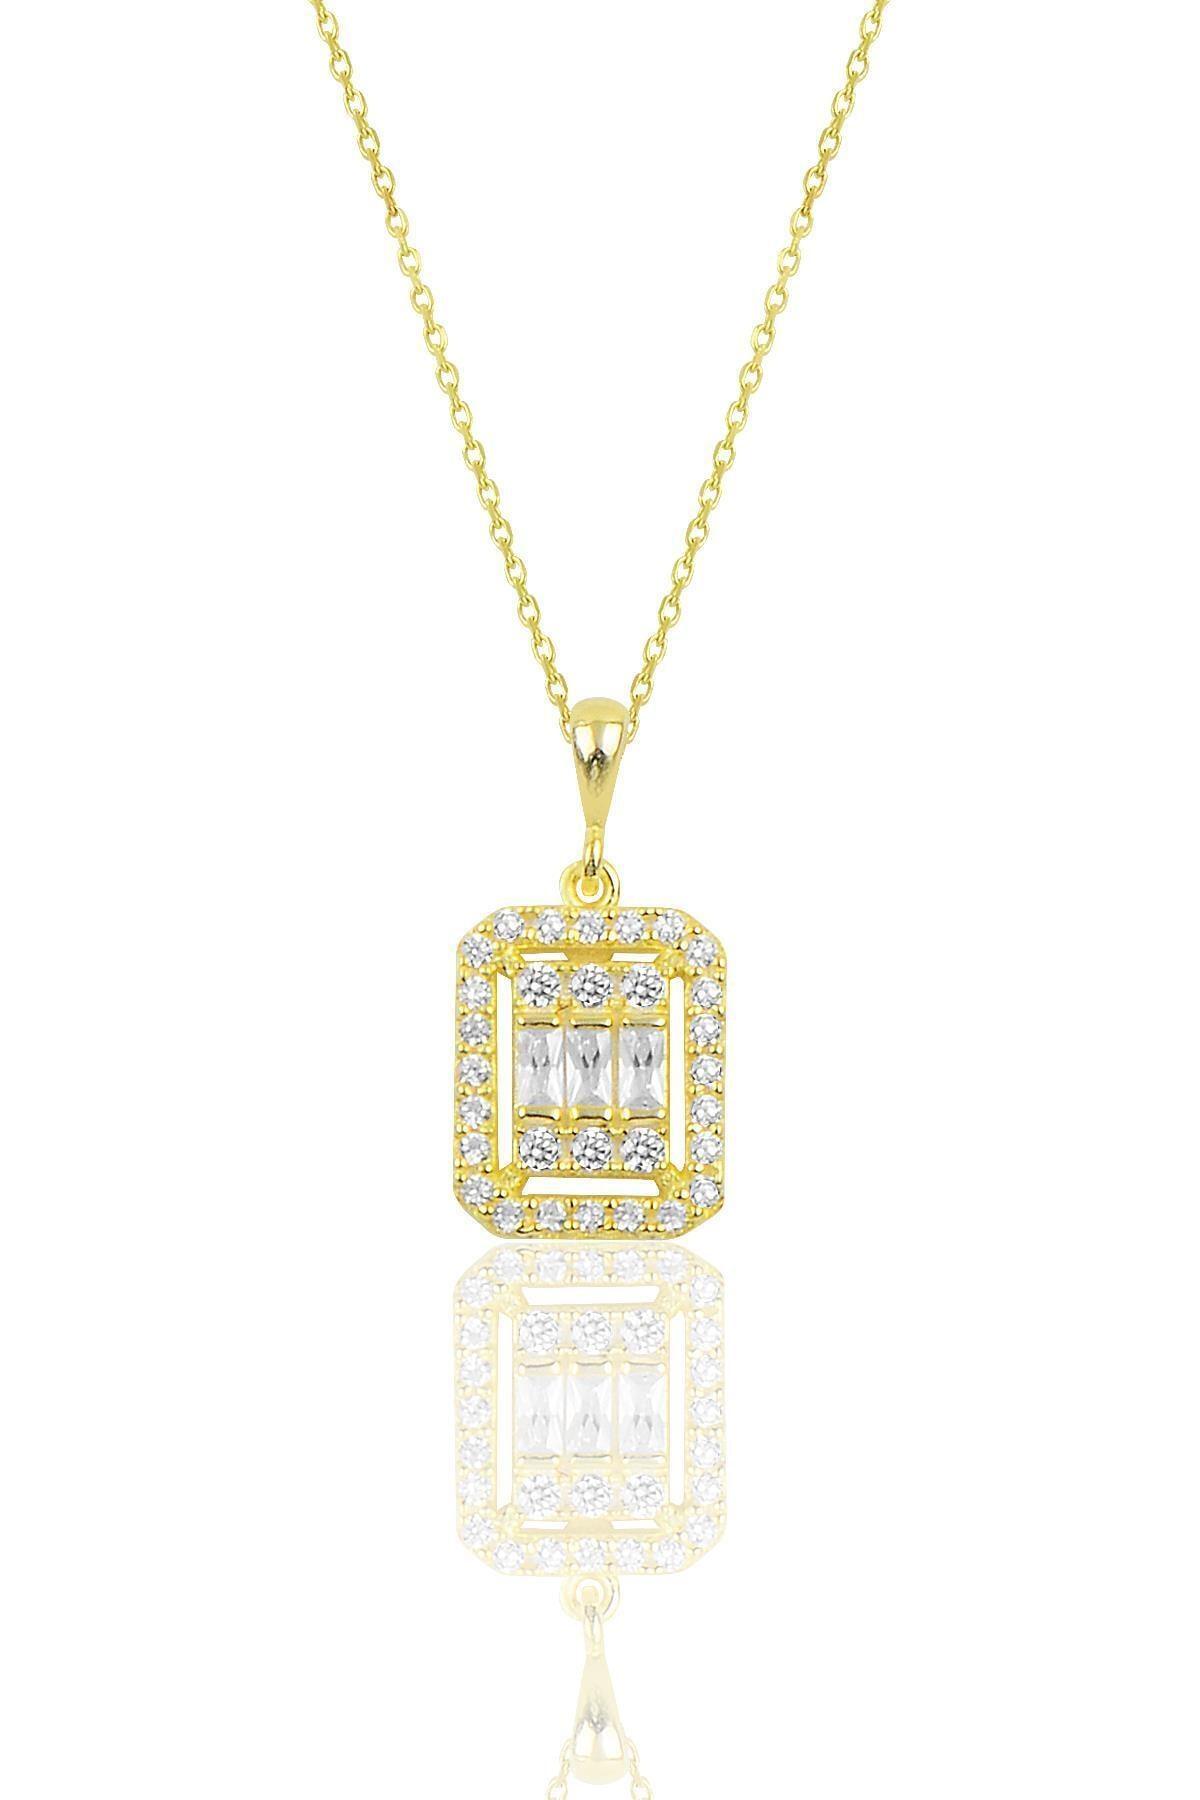 Söğütlü Silver Gümüş Altın Yaldızlı Baget Taşlı Kolye 1